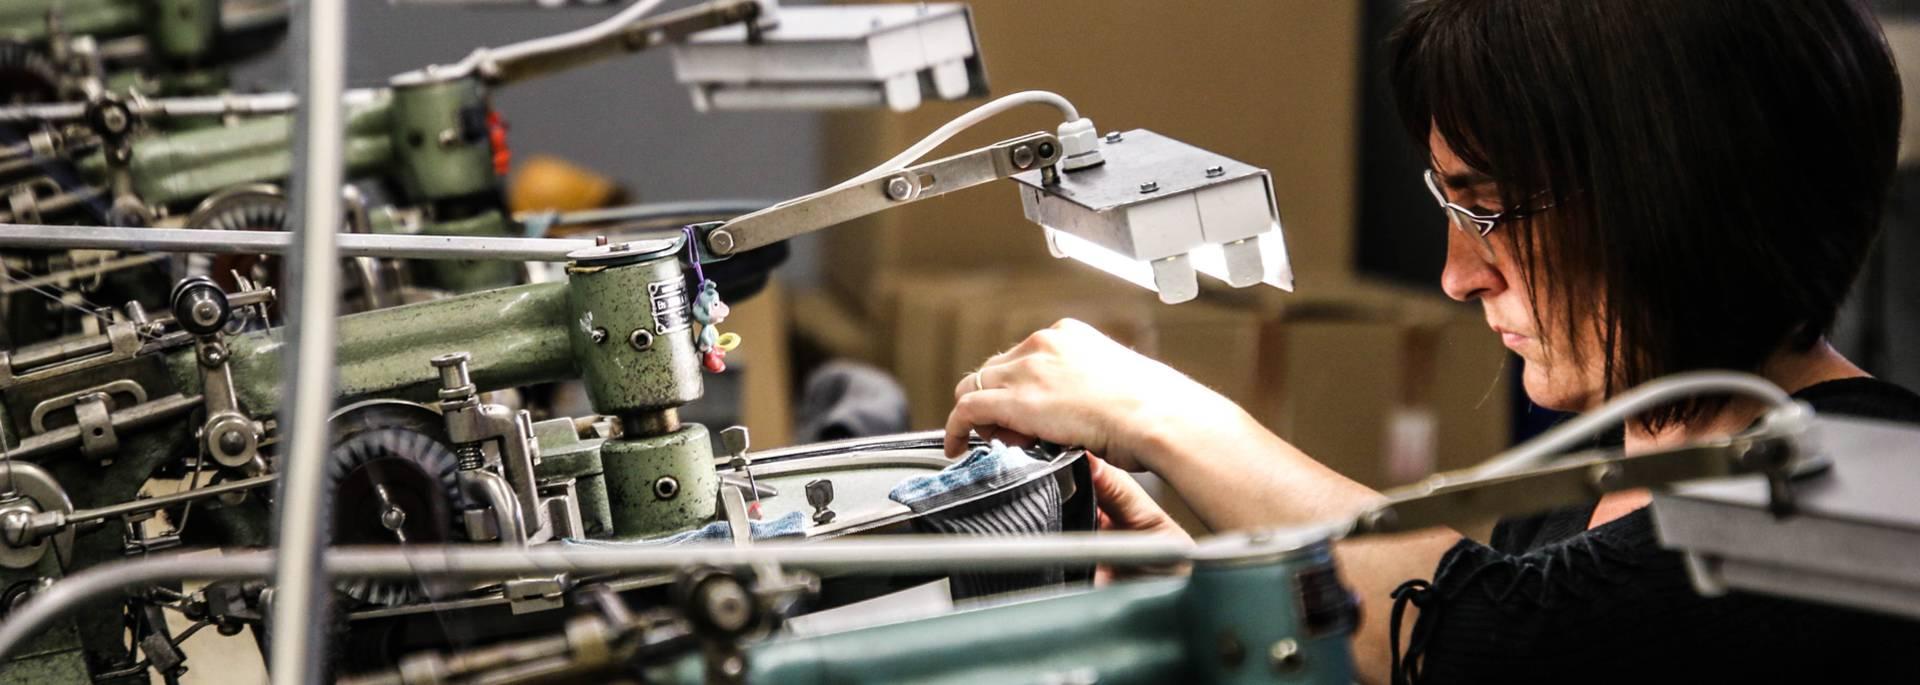 Remmaillage à la main de chaussettes à la Manufacture Perrin, Montceau-les-Mines. © Lesley Williamson.